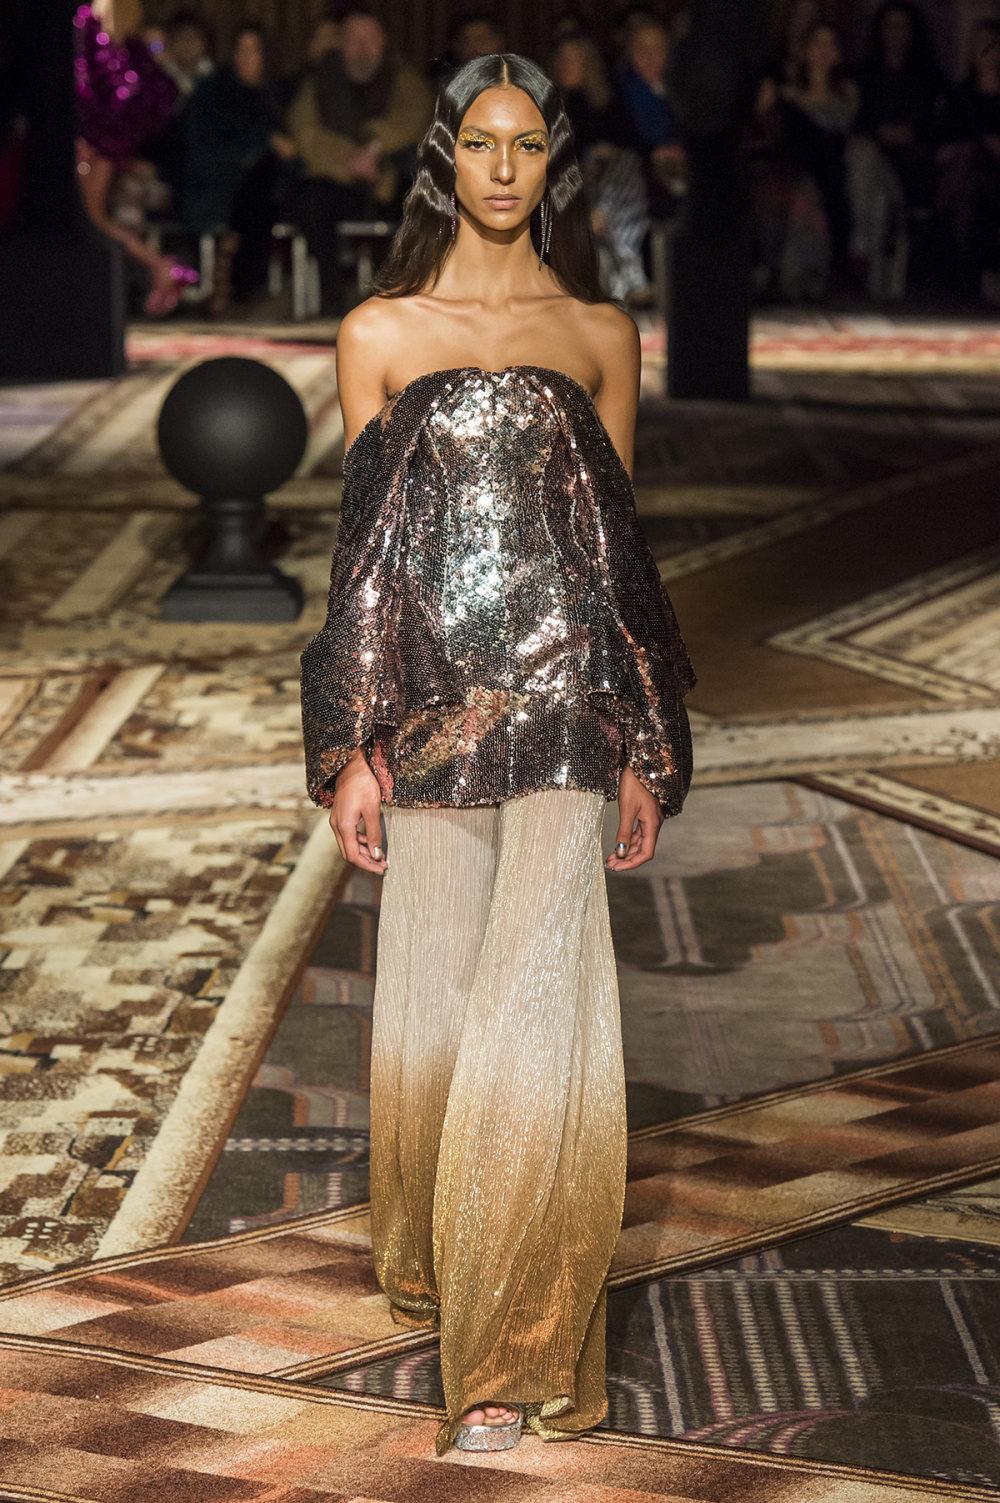 Halpern时装系列将幻想印花应用于宽大的缎面外套展示垂褶技巧-20.jpg